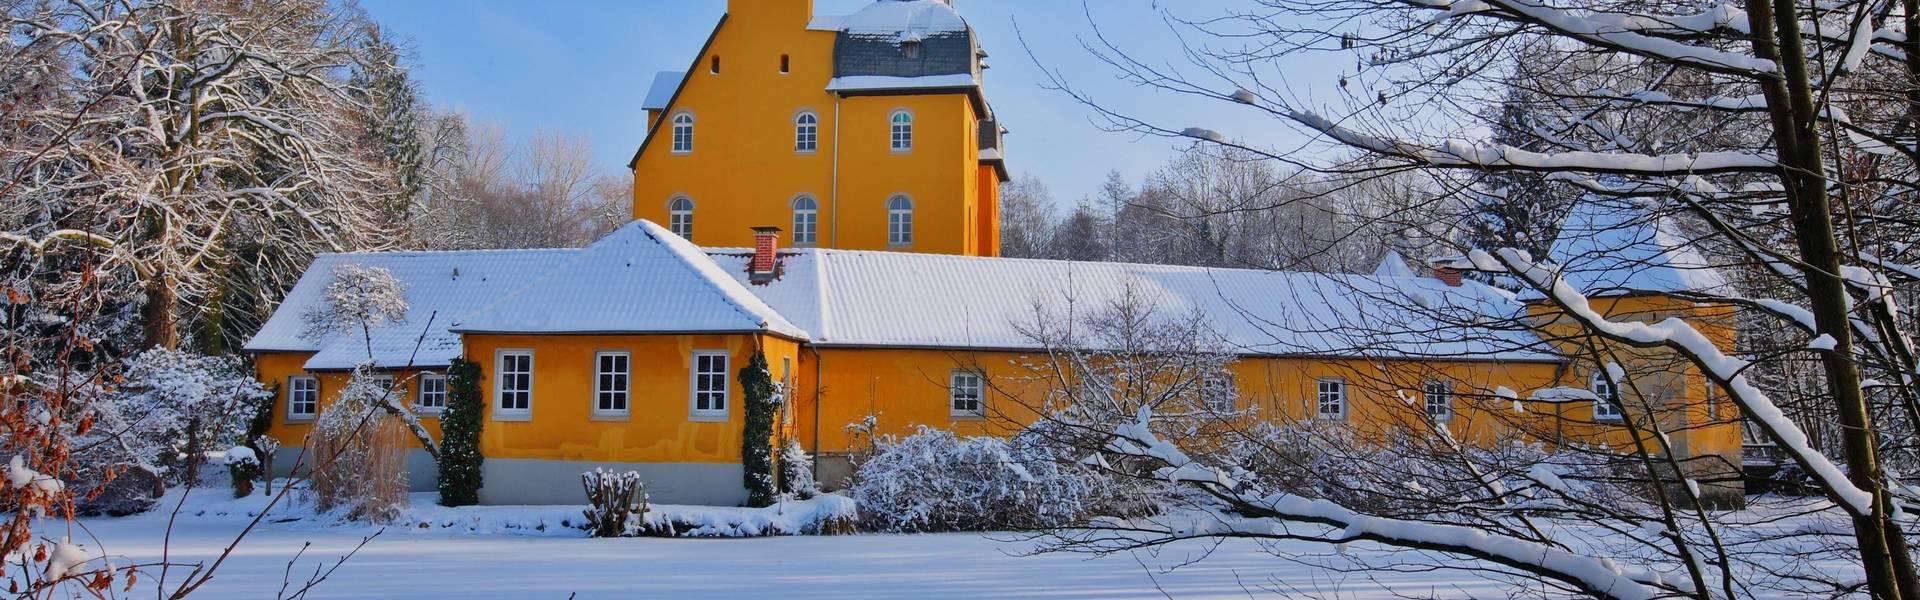 Umzüge-Schloß-Holte-Stukenbrock-Umzugsunternehmen-CNolte